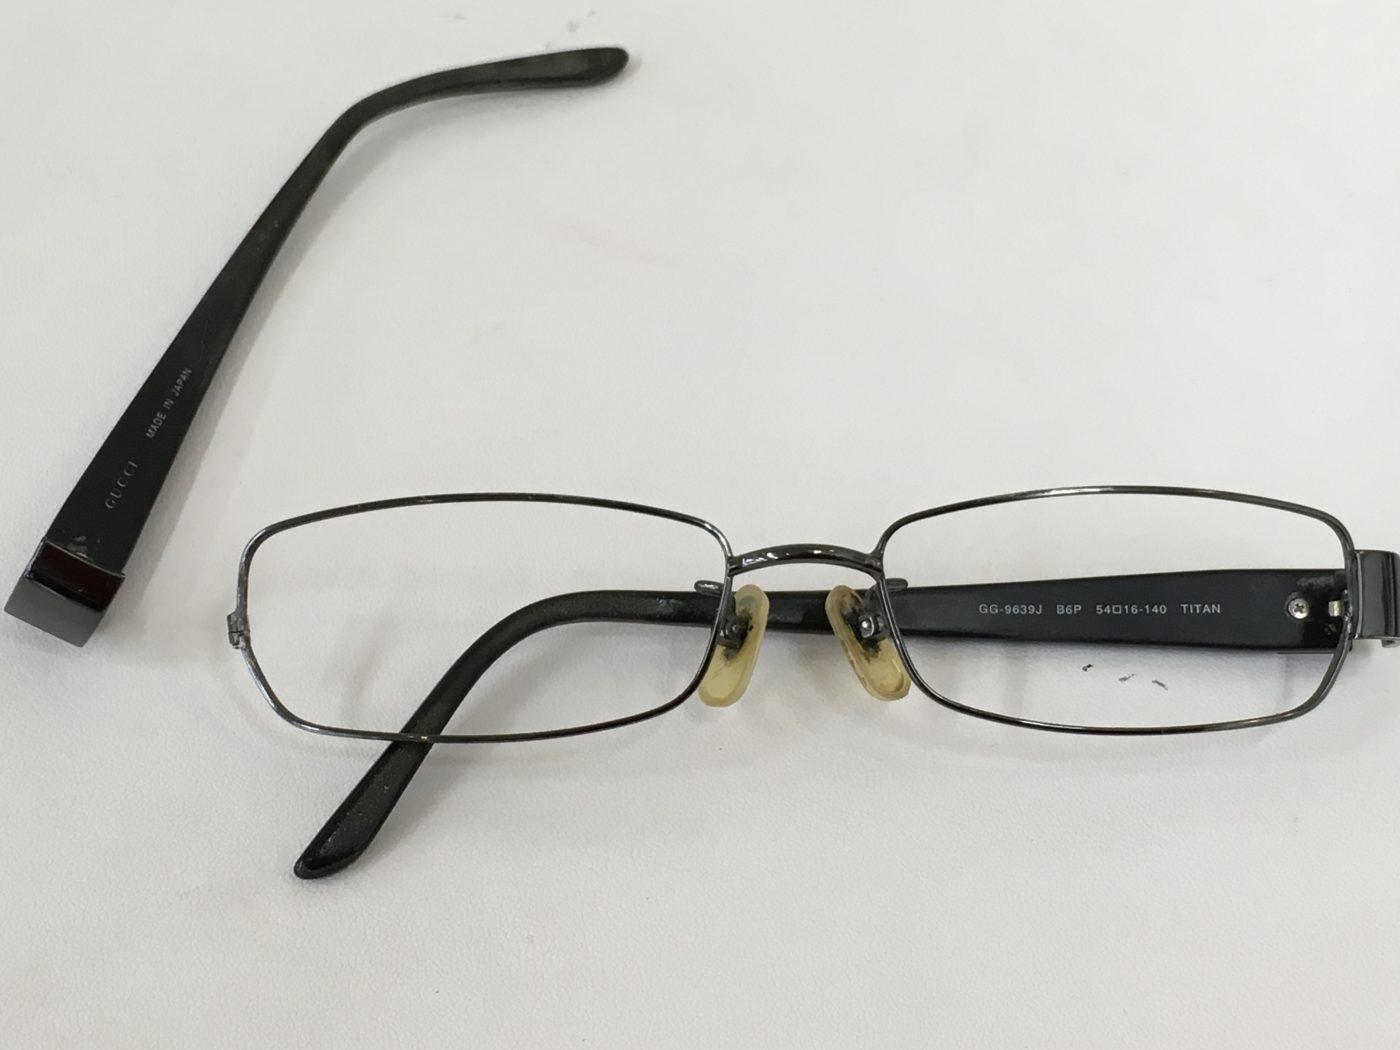 眼鏡の修理 眼鏡フレーム 山梨県 富士河口湖町